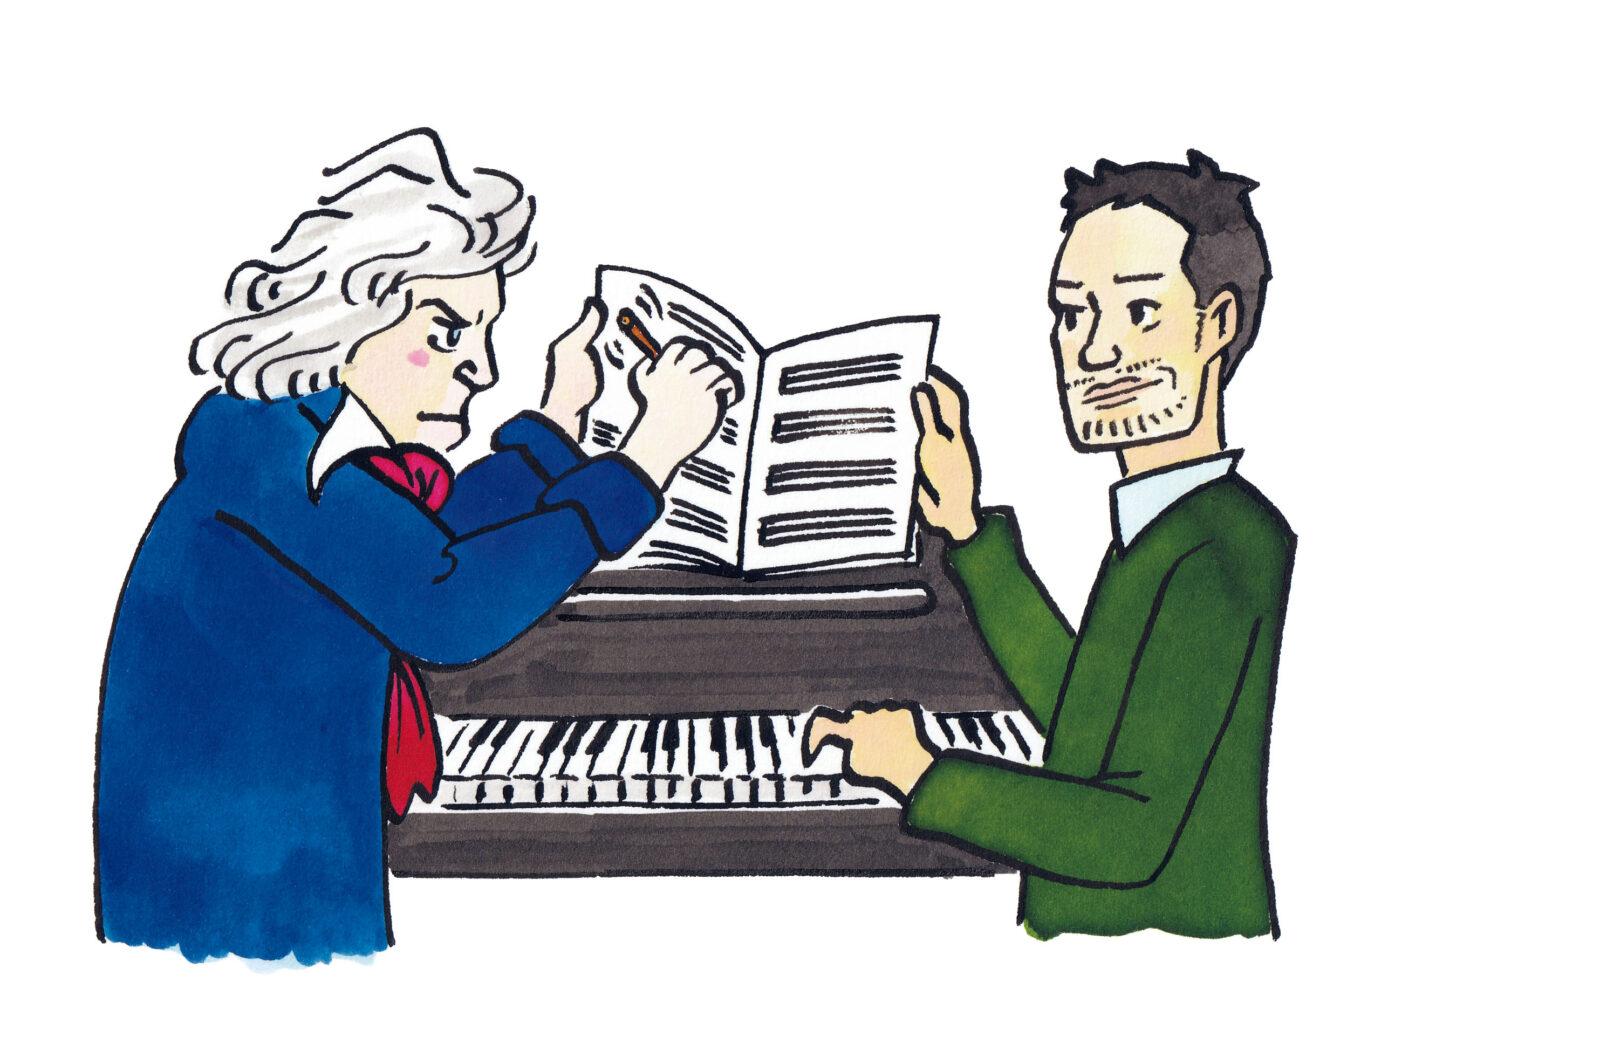 ベートーヴェン クラシック ブルータス